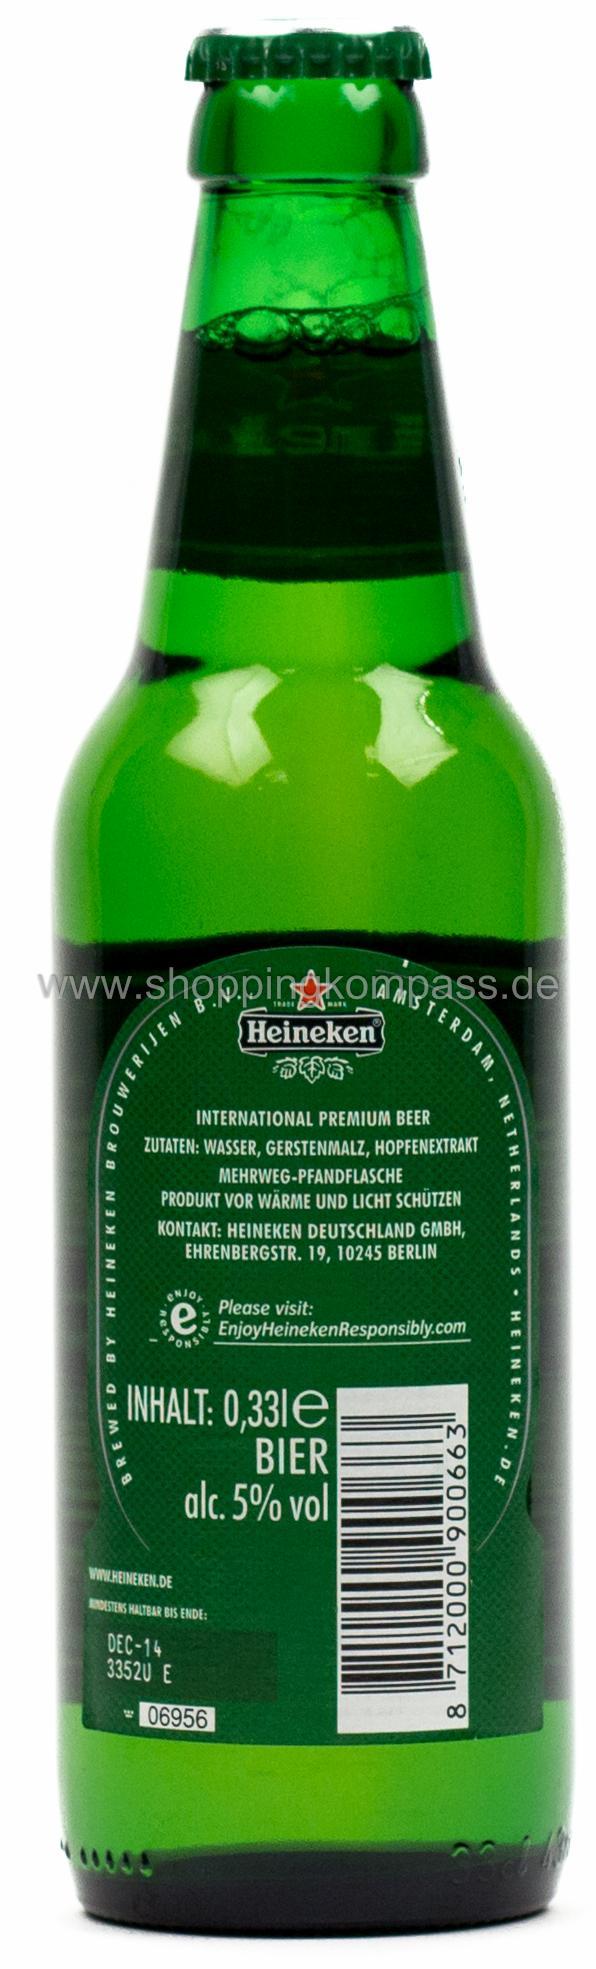 Pils Export Heineken 033 L Glas Mw Ihr Zuverlässiger